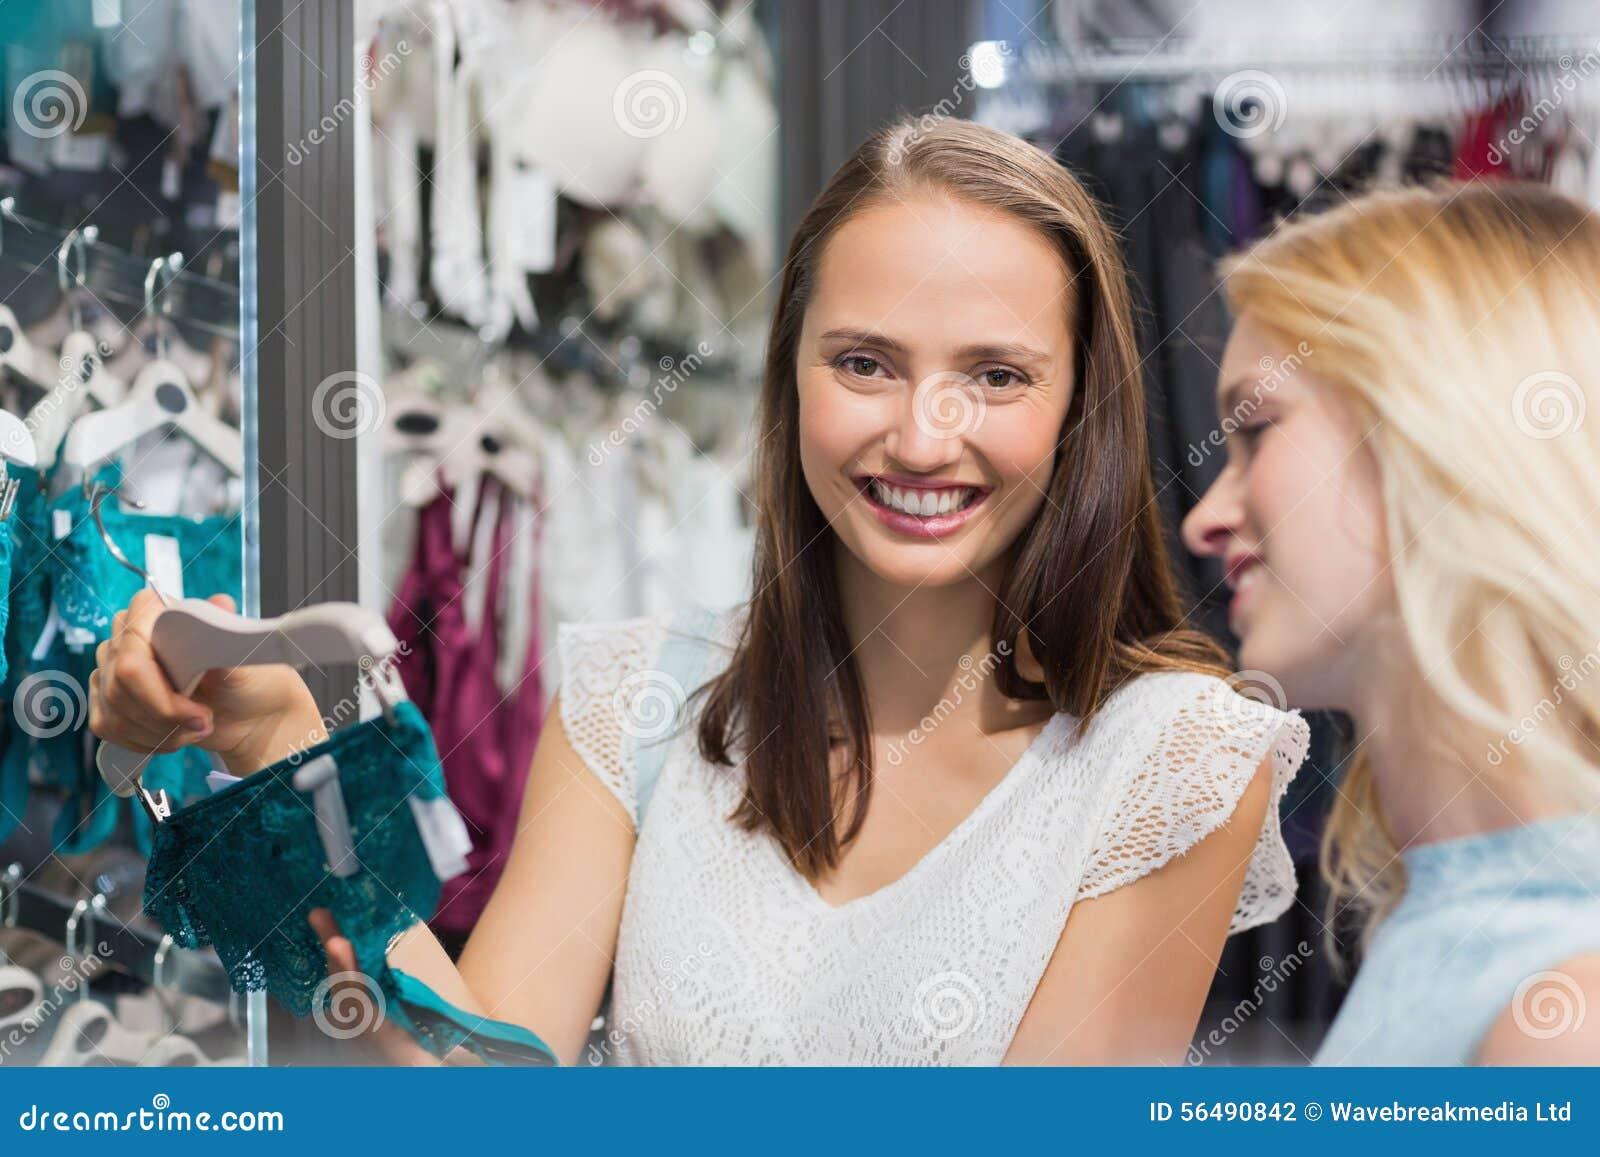 Jolie brune montrant la lingerie à son ami